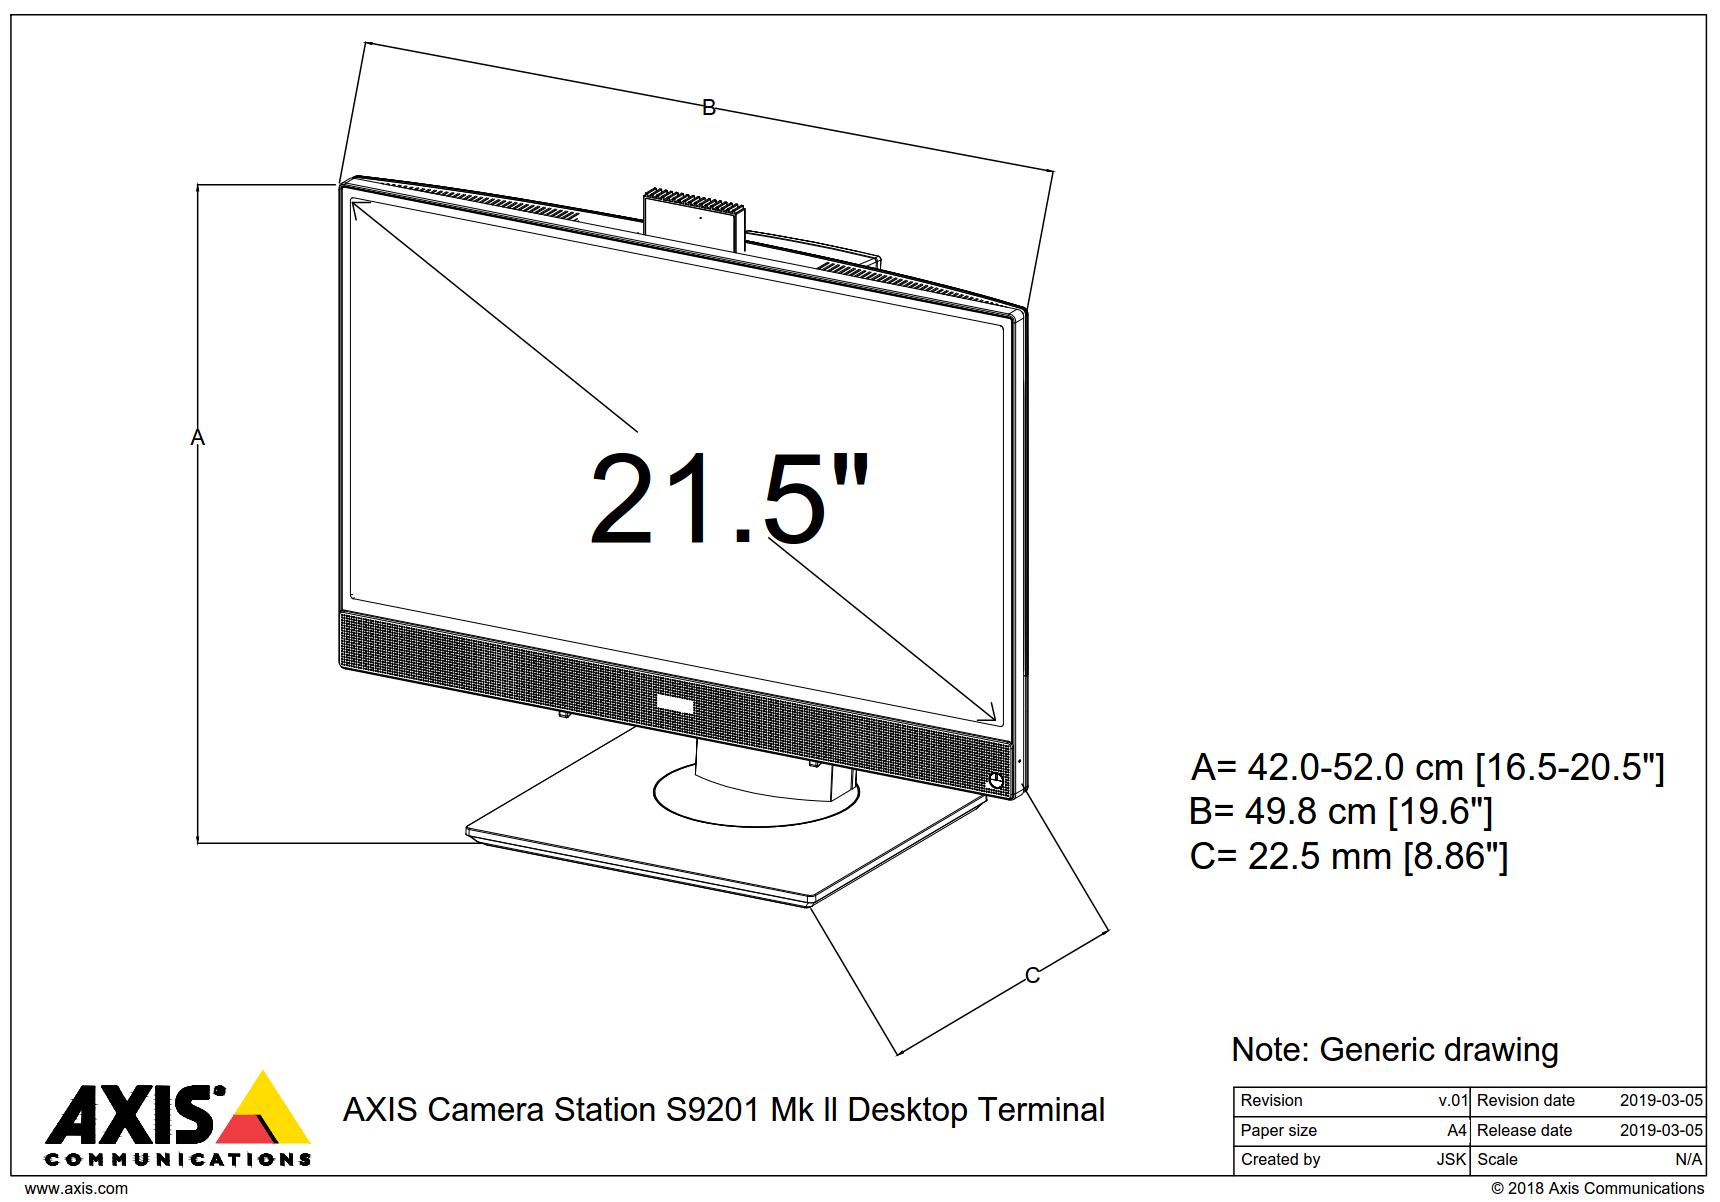 S9201 Mk II Dimensions